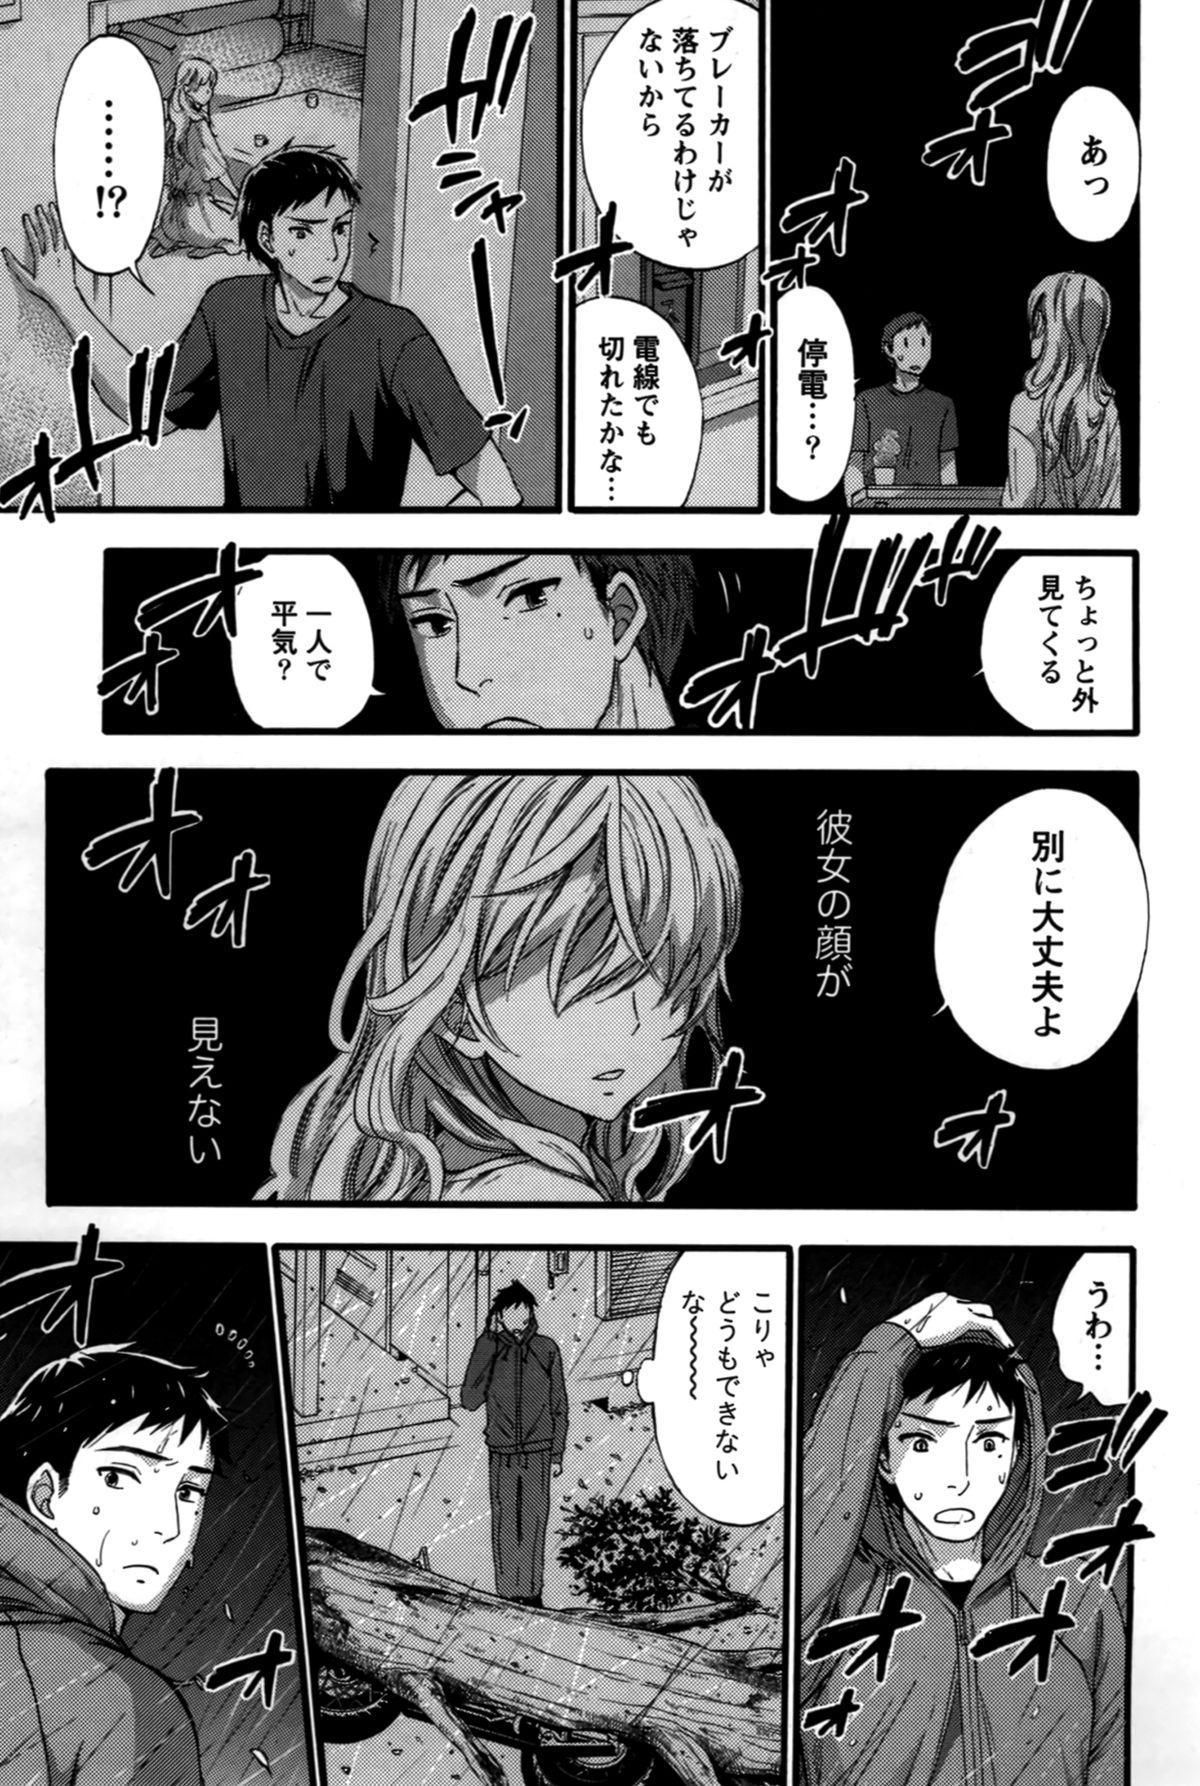 Anata to Watashi wa Warukunai 185